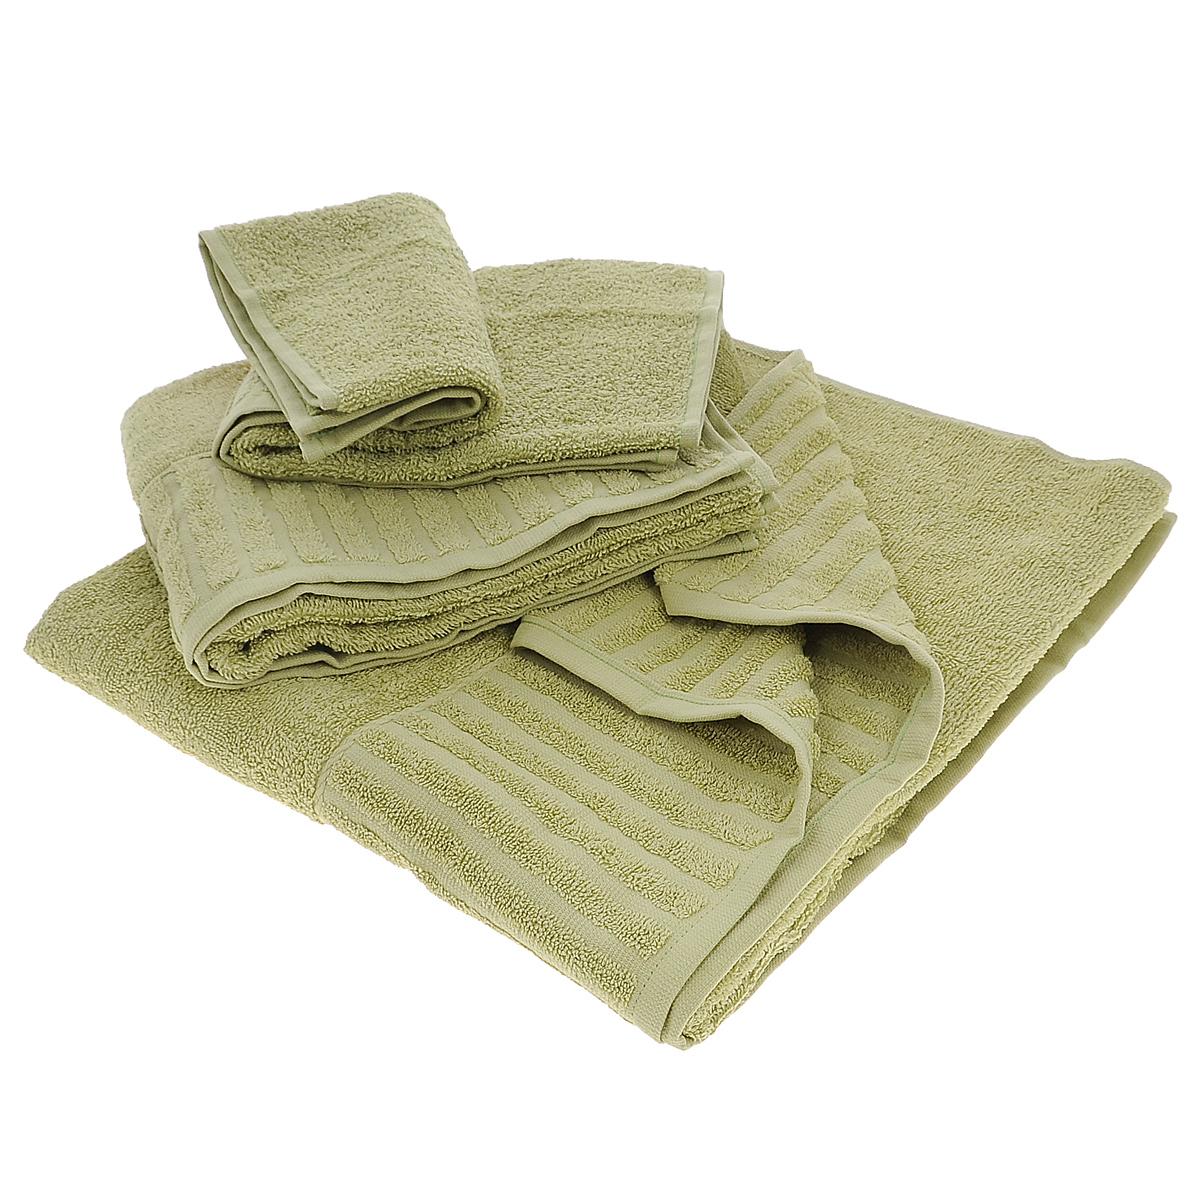 Набор махровых полотенец Bonita, цвет: оливковый, 3 шт01011116342Набор Bonita состоит из трех полотенец разного размера, выполненных из натурального хлопка. Такие полотенца отлично впитывают влагу, быстро сохнут, сохраняют яркость цвета и не теряют формы даже после многократных стирок. Полотенца очень практичны и неприхотливы в уходе. Размер полотенец: 40 см х 70 см; 50 см х 90 см; 70 см х 140 см.